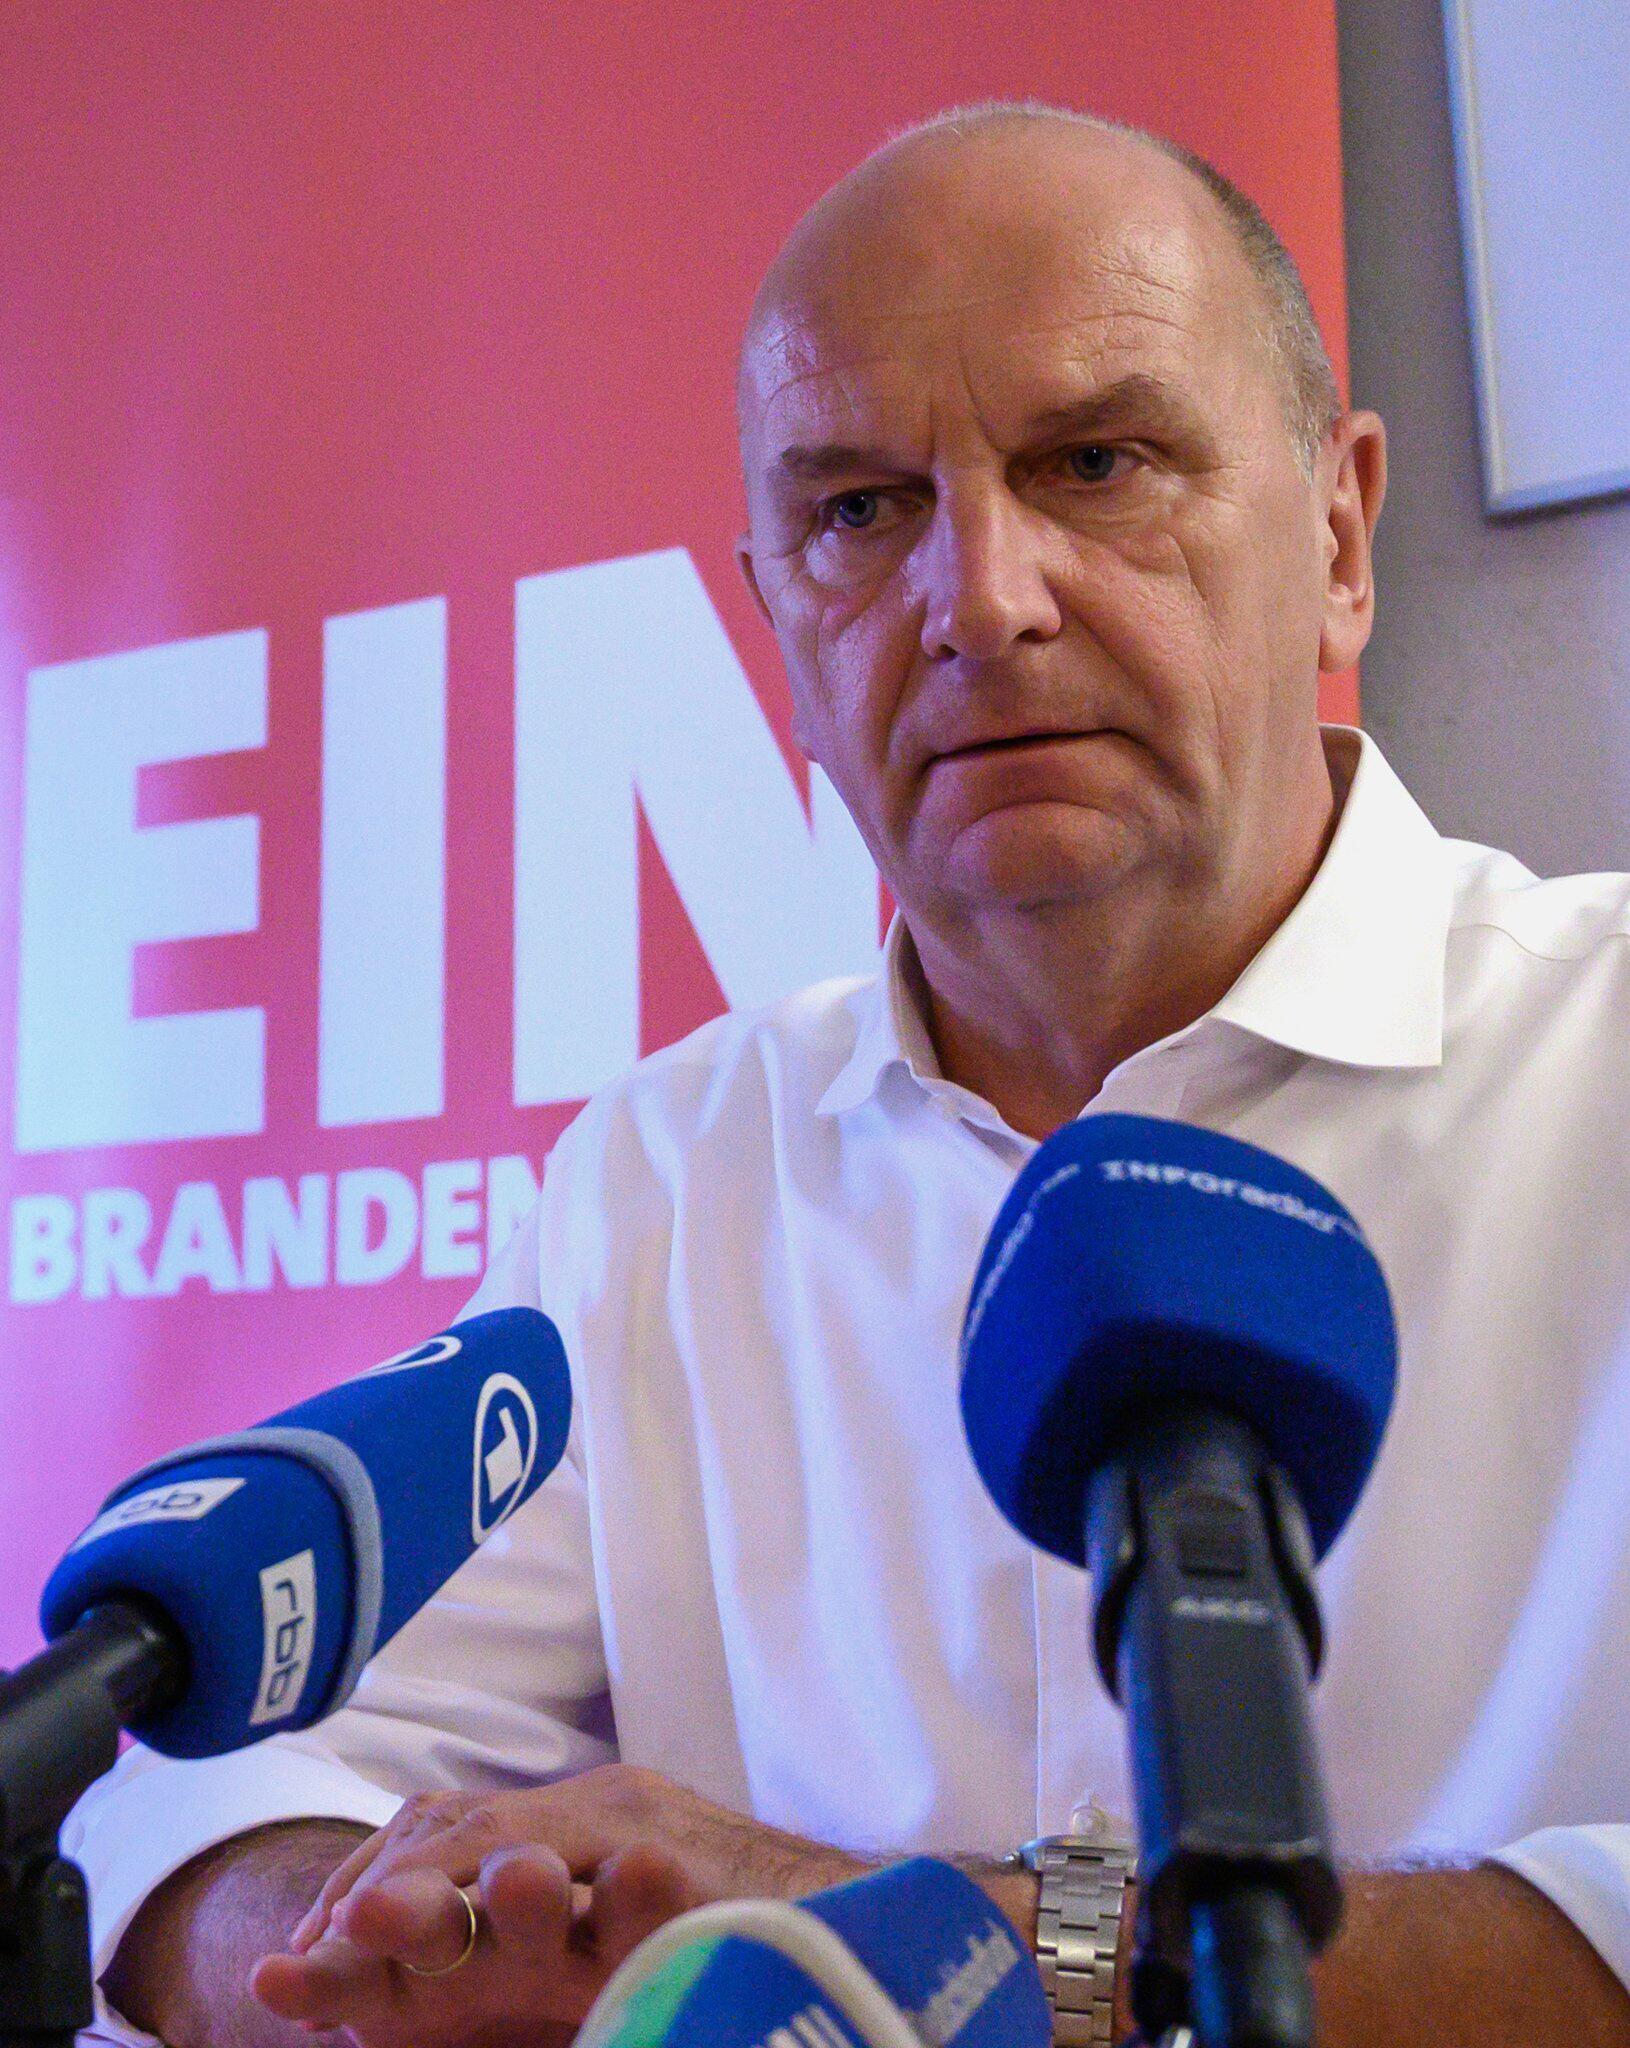 Brandenburg partnersuche